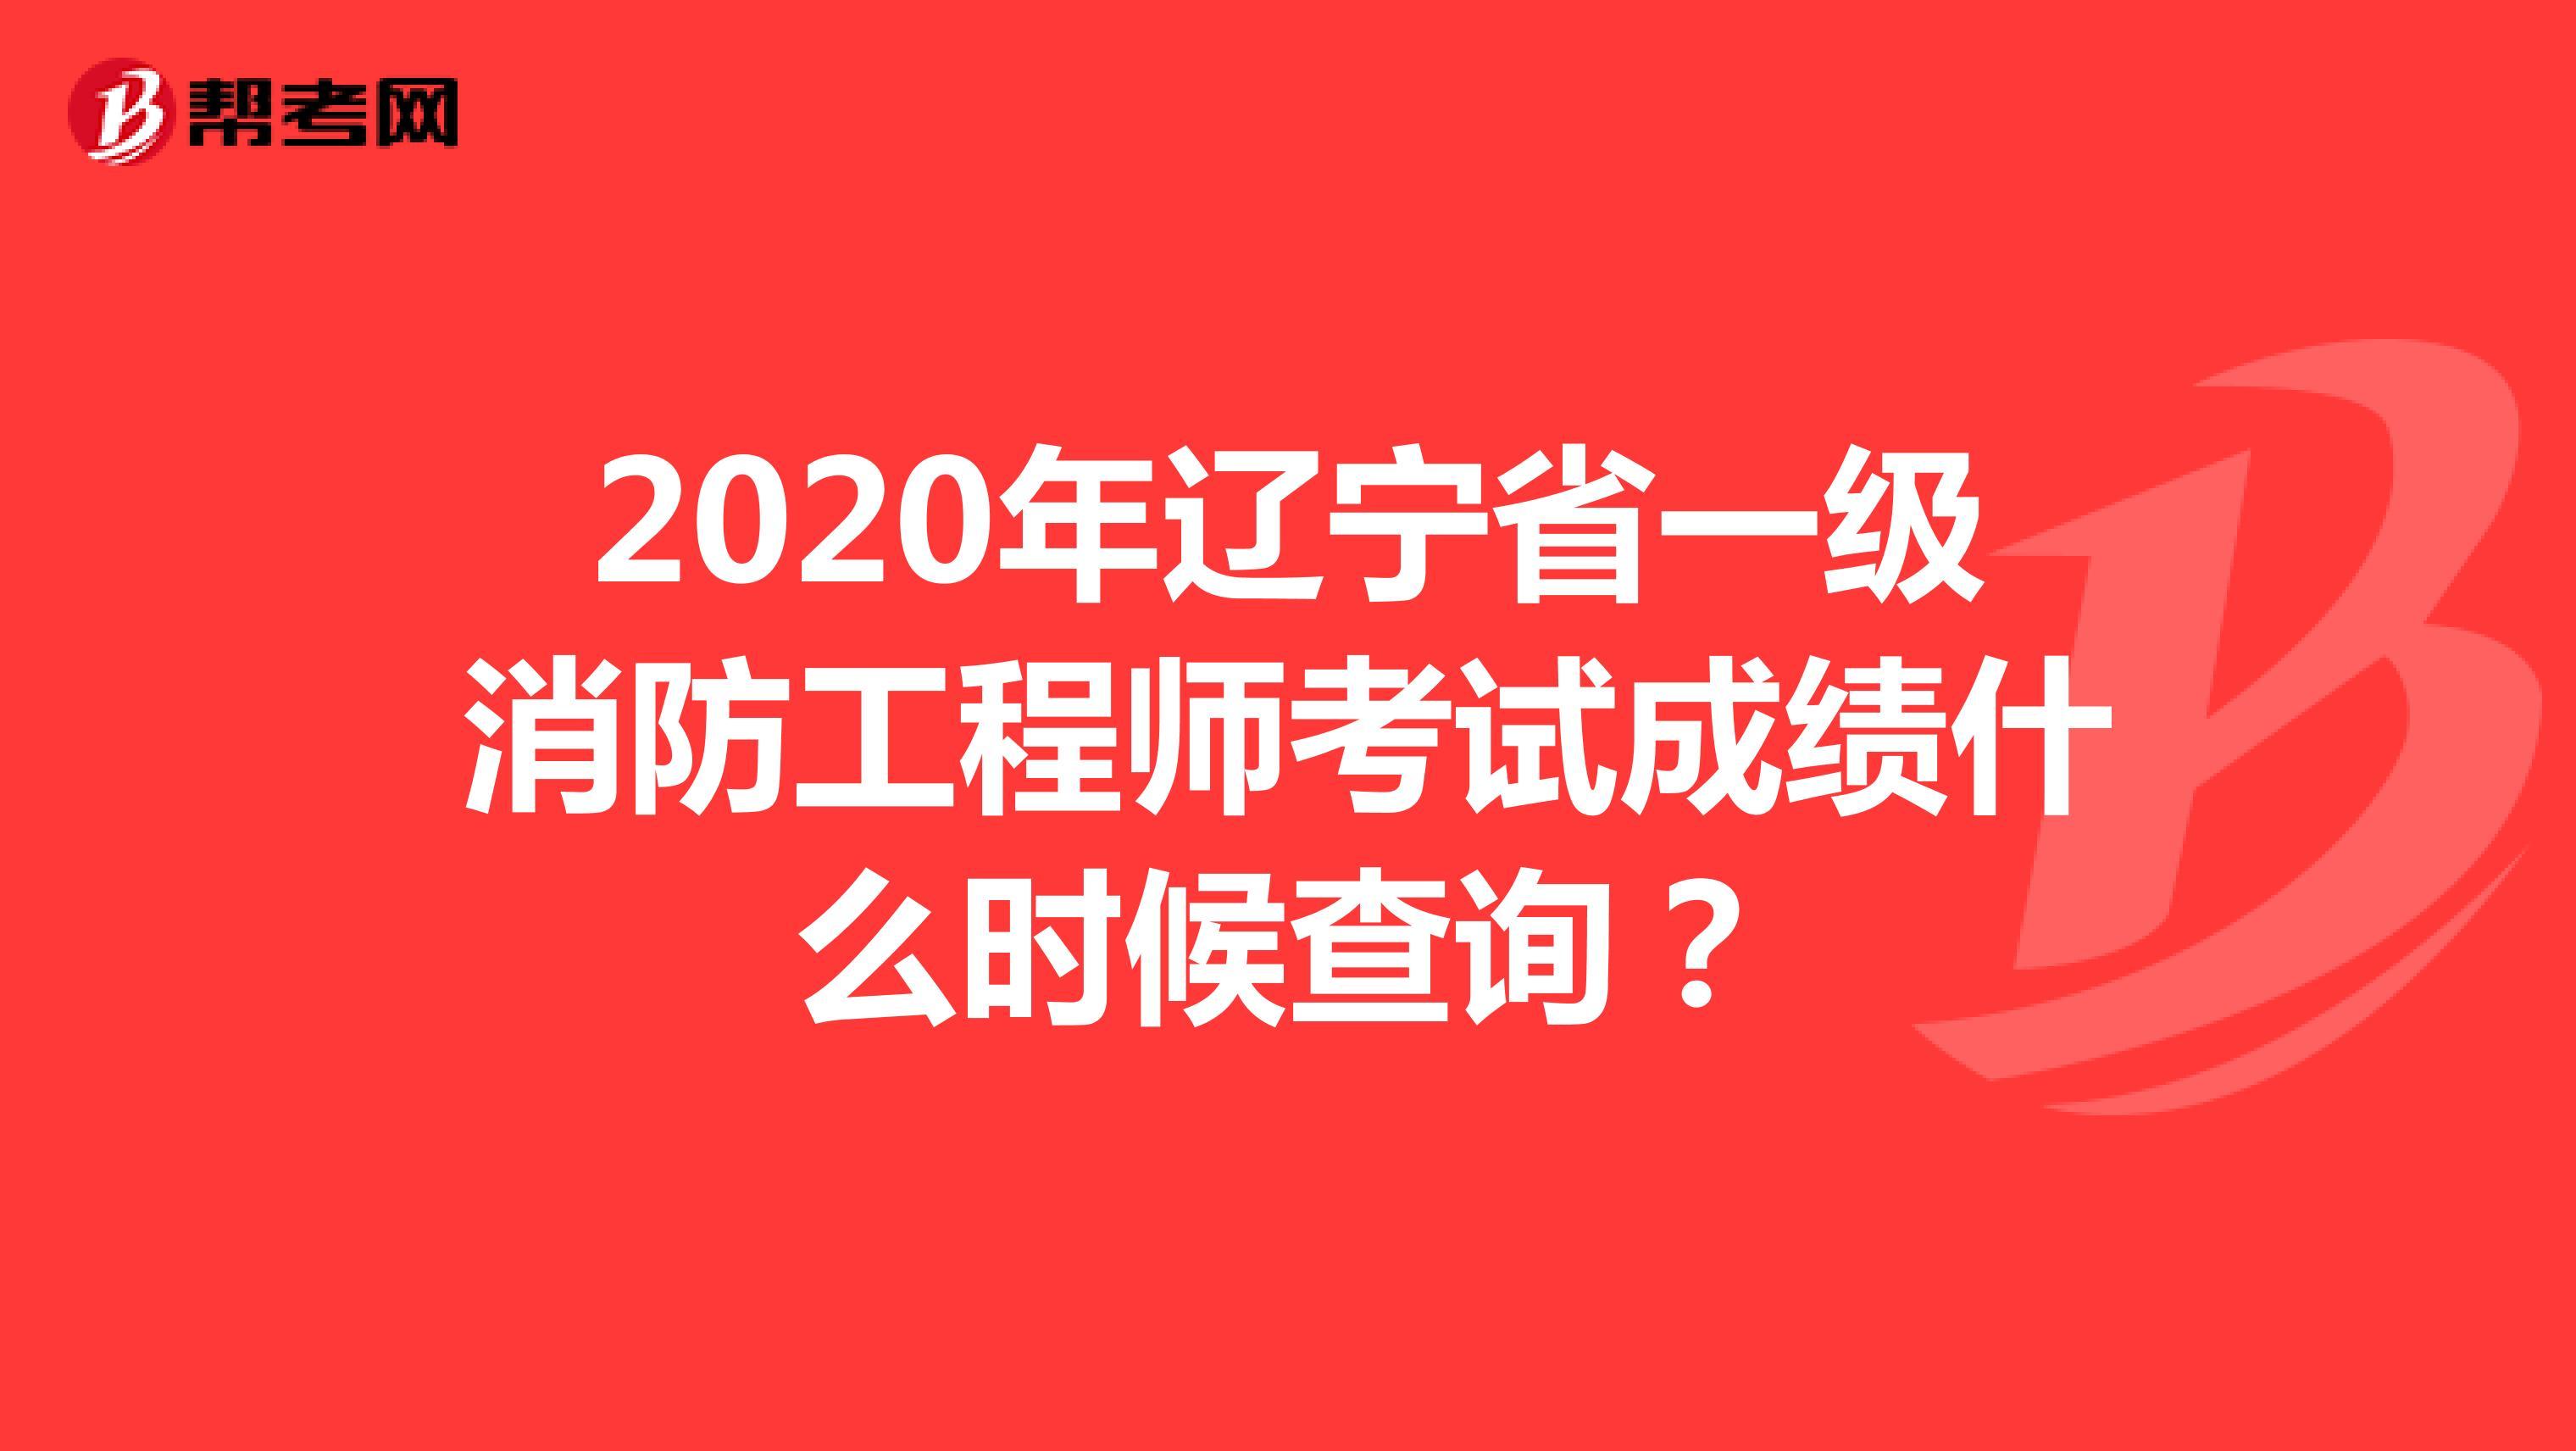 2020年遼寧省一級消防工程師考試成績什么時候查詢?